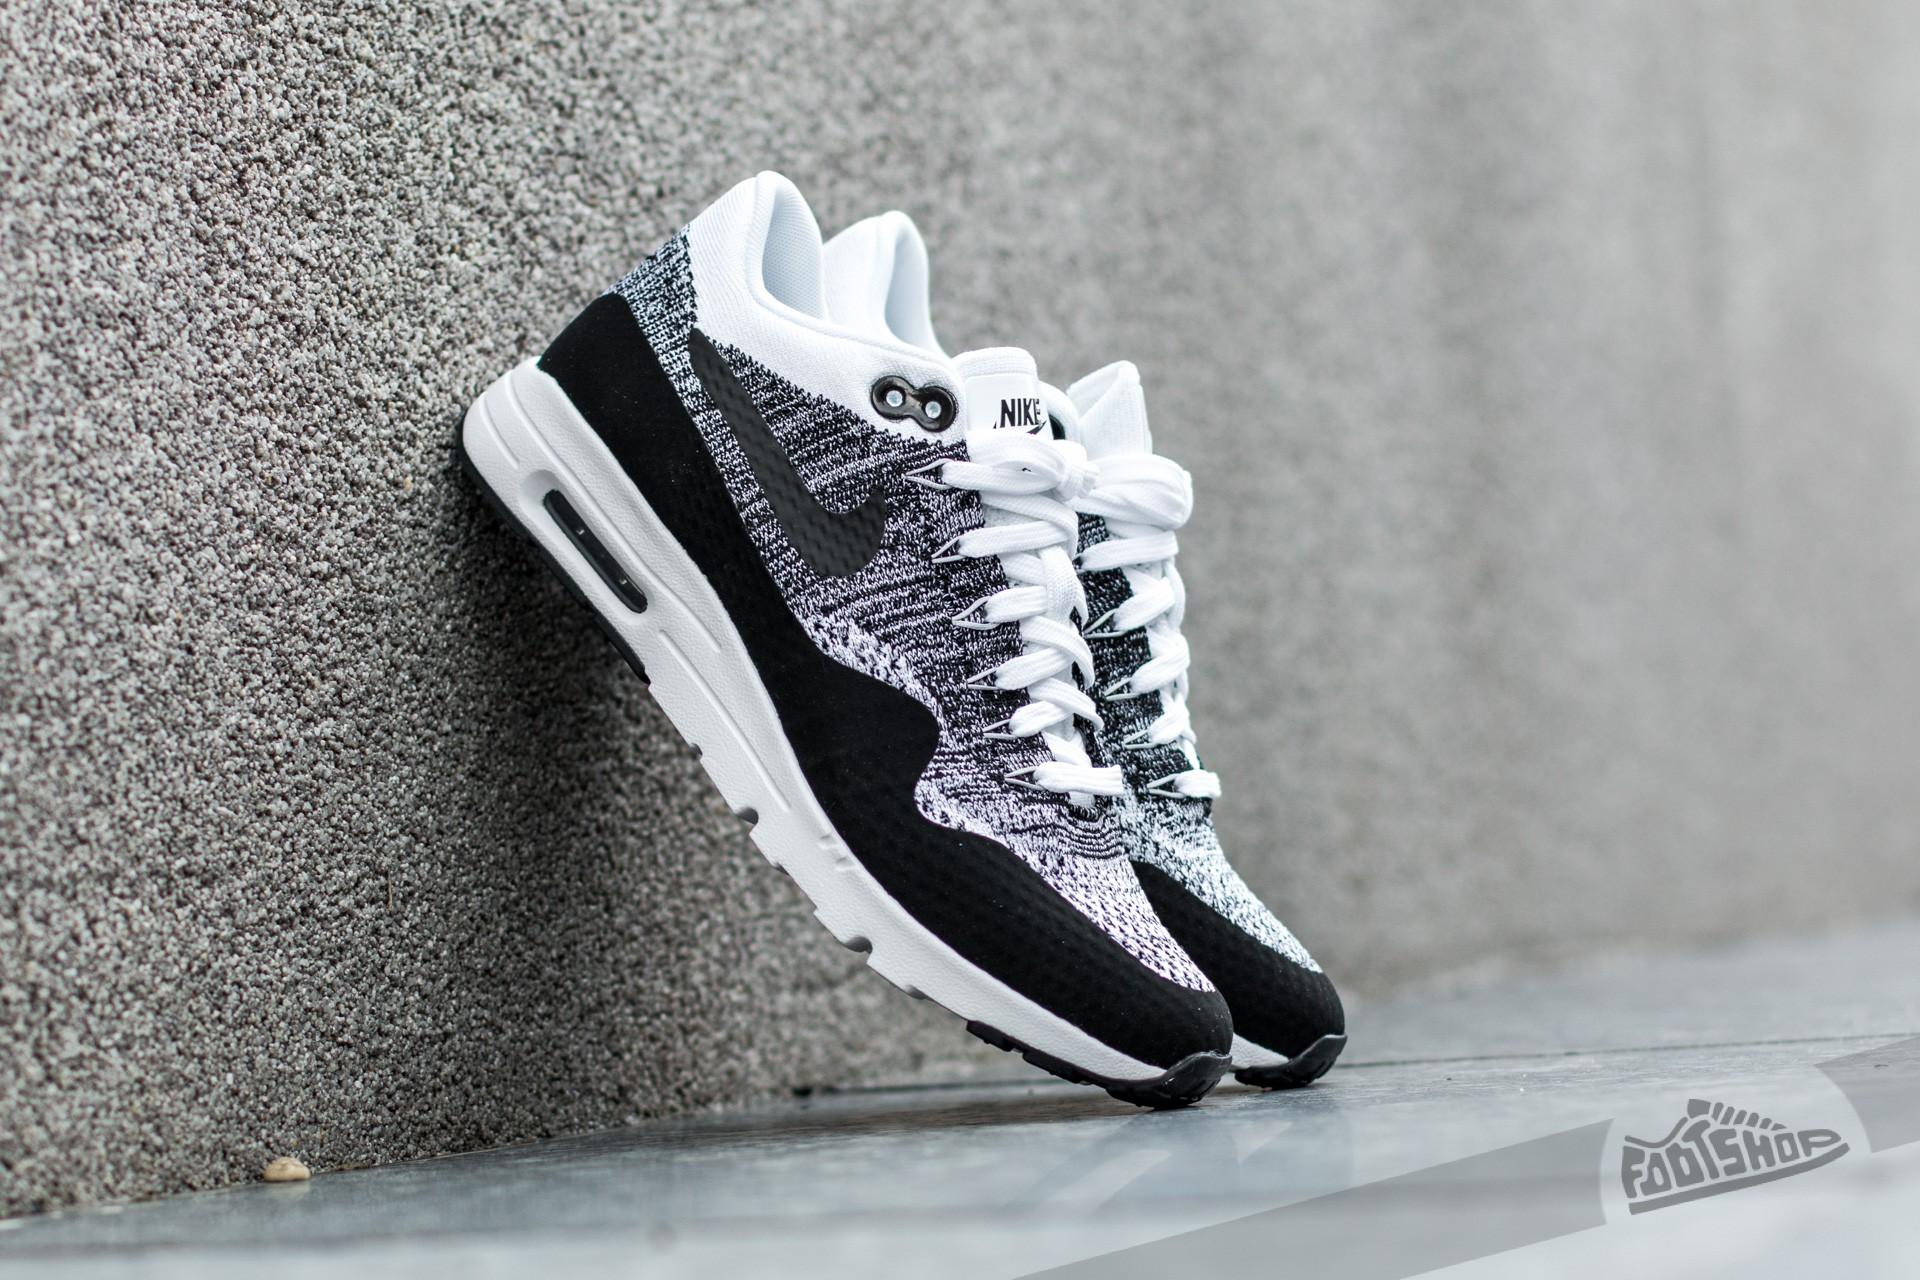 paridad violación Oclusión  Women's shoes Nike W Air Max 1 Ultra Flyknit White/ Black-Black | Footshop